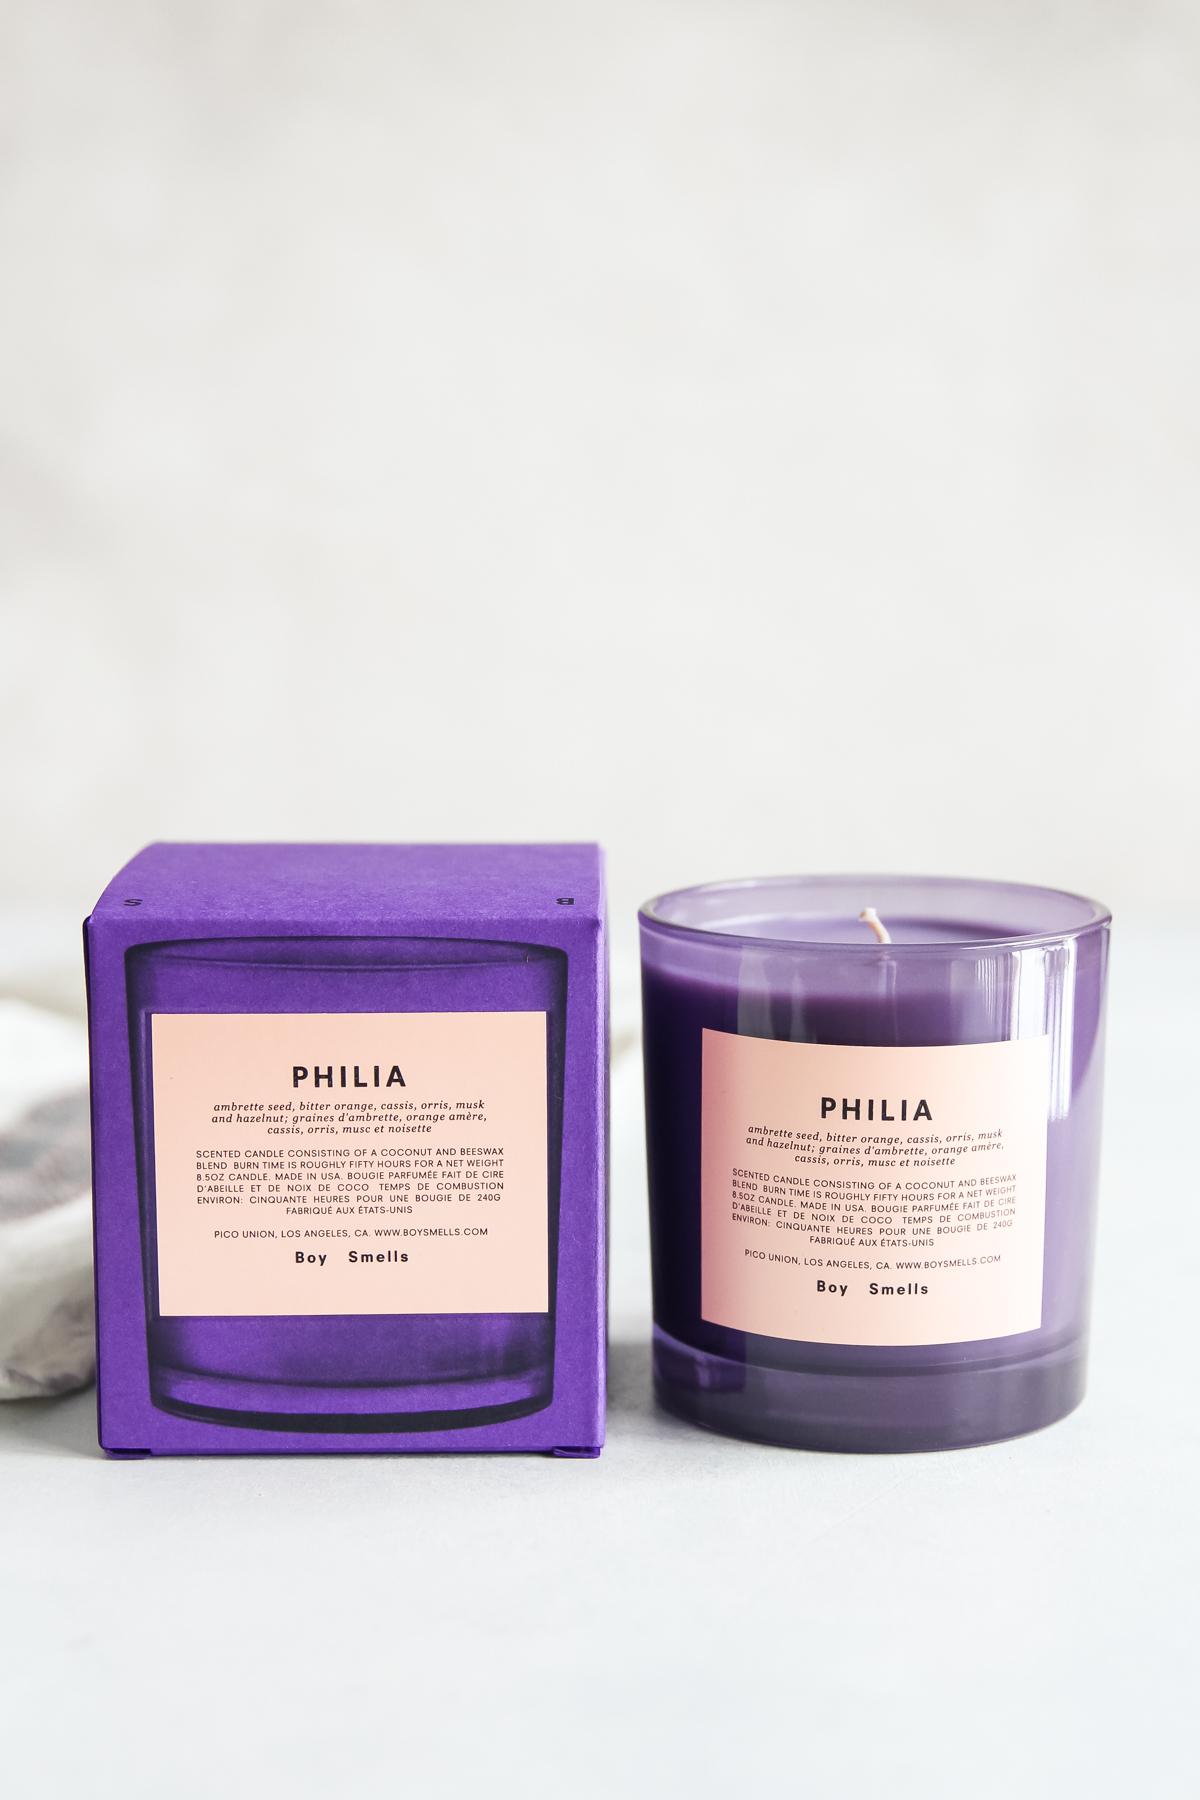 Philia candle